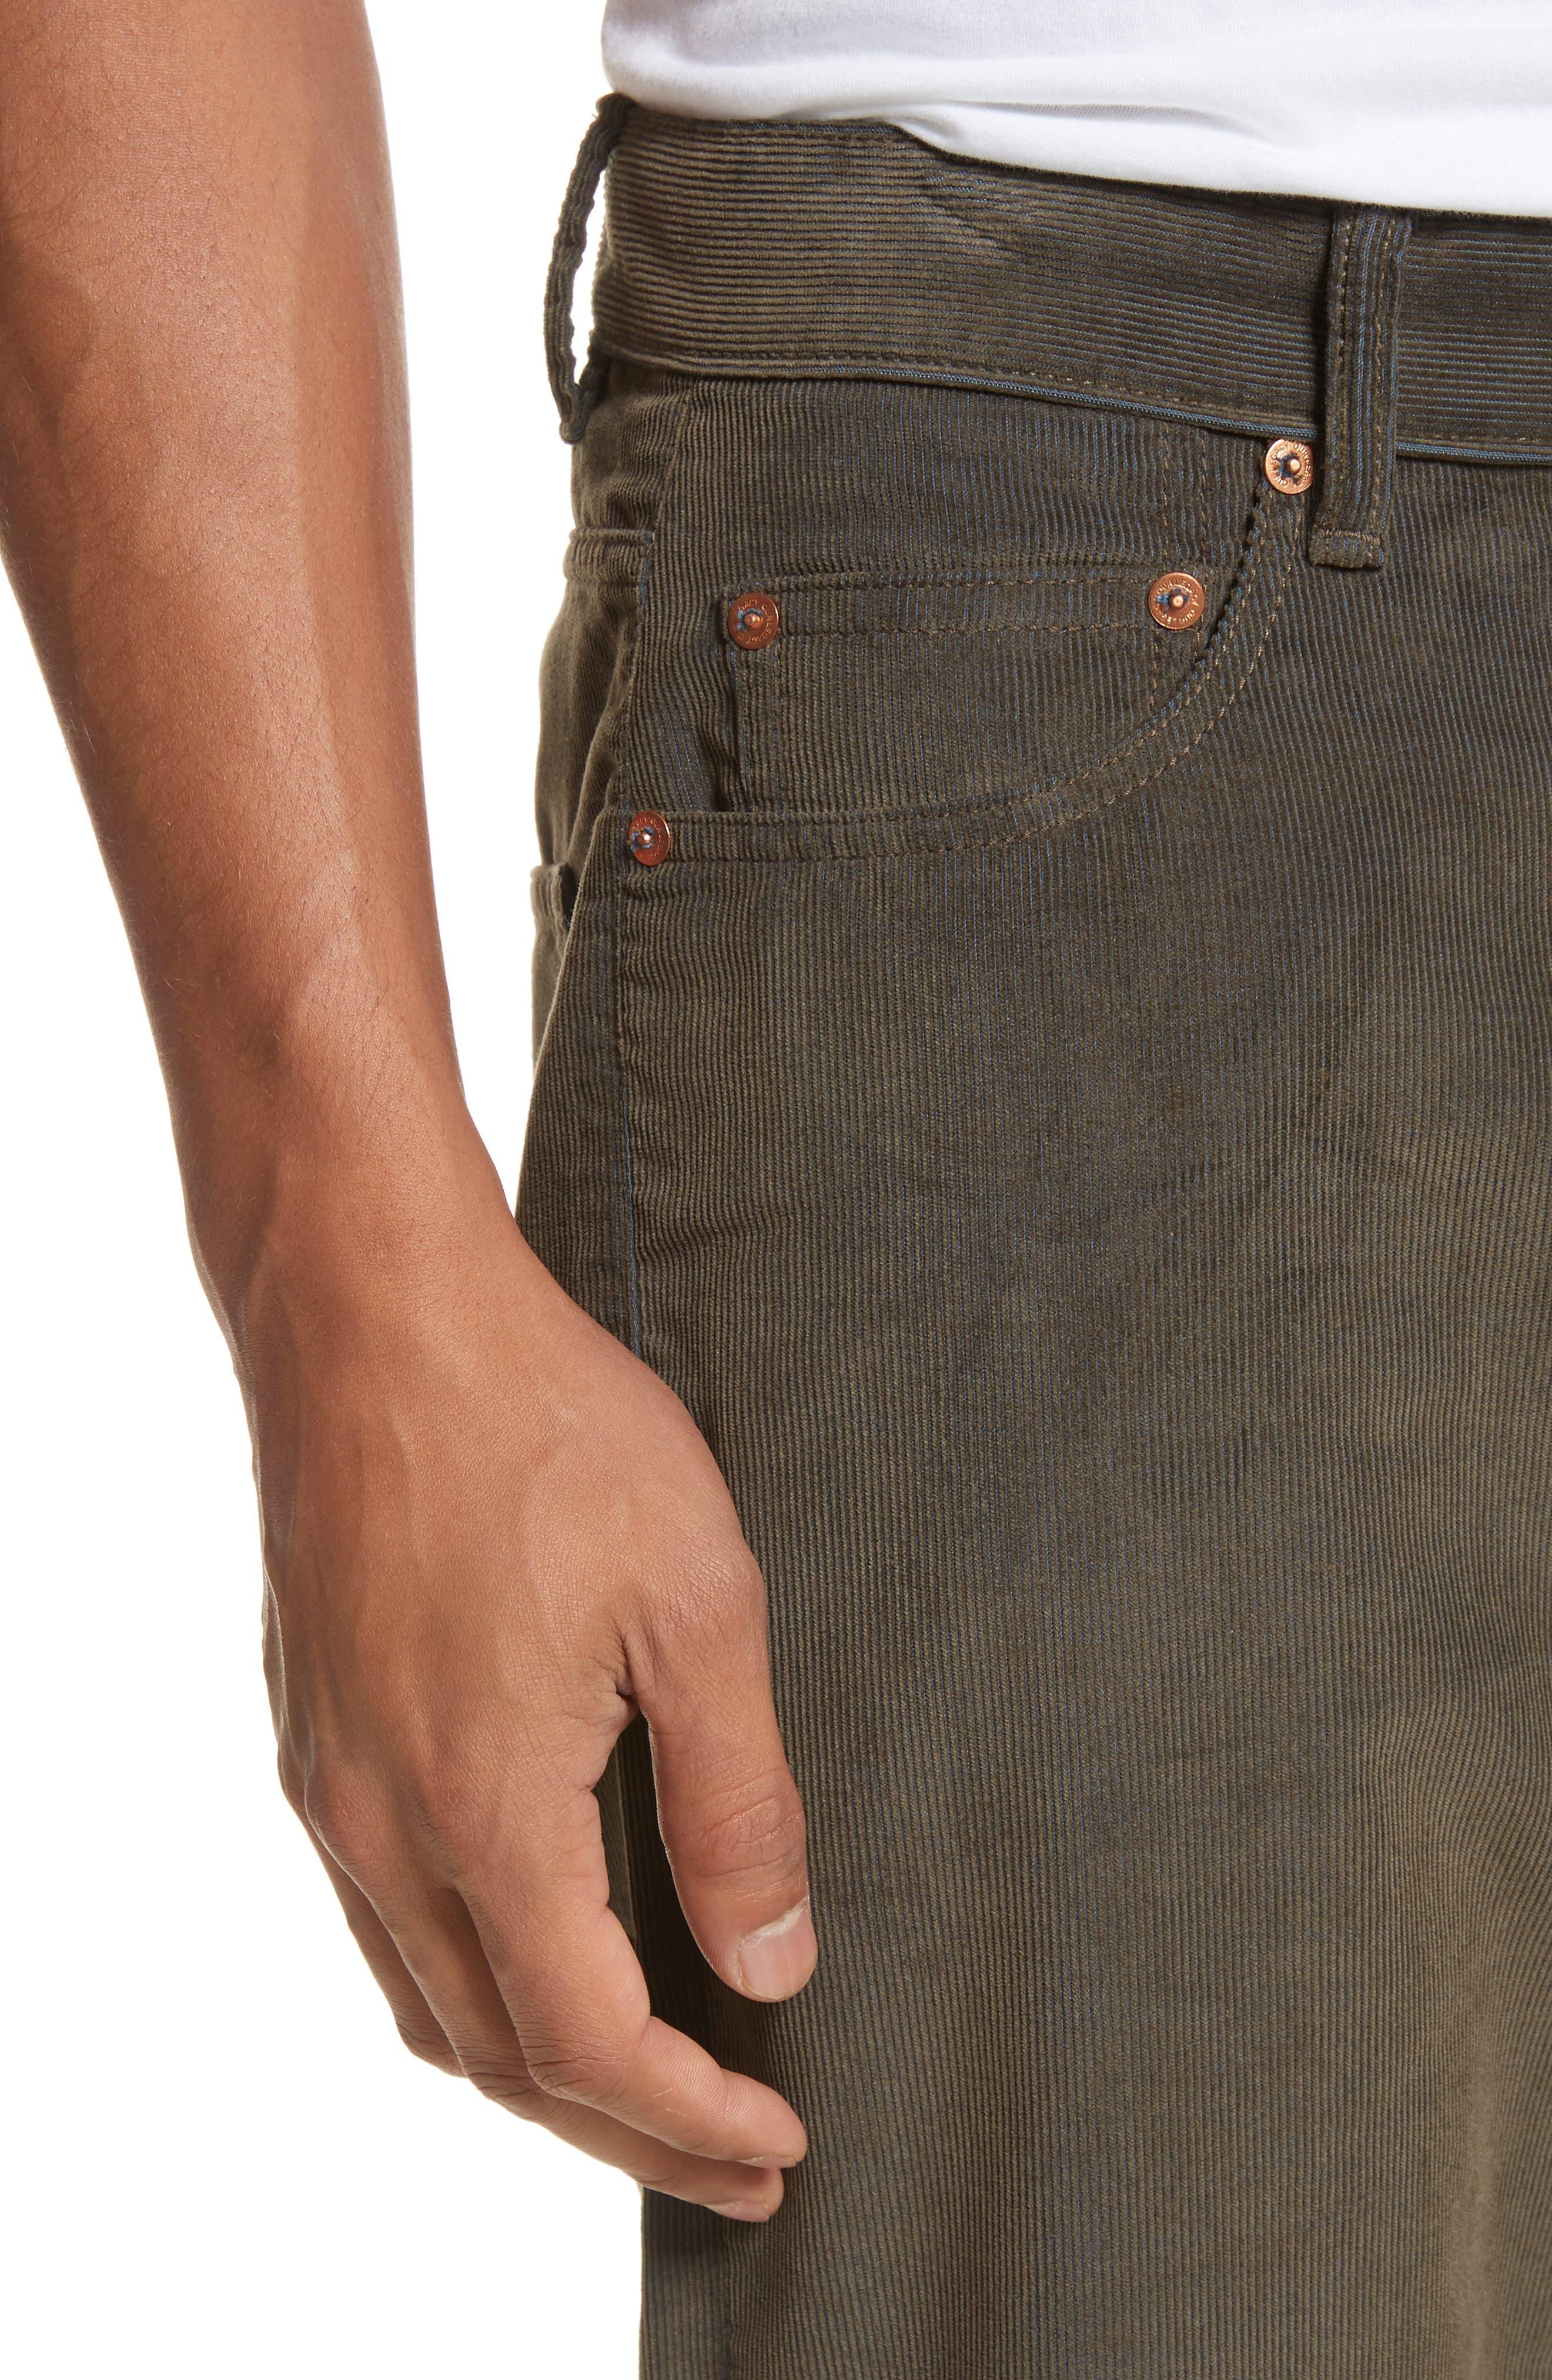 Second Cut Sludge Corduroy Pants,                             Alternate thumbnail 4, color,                             301